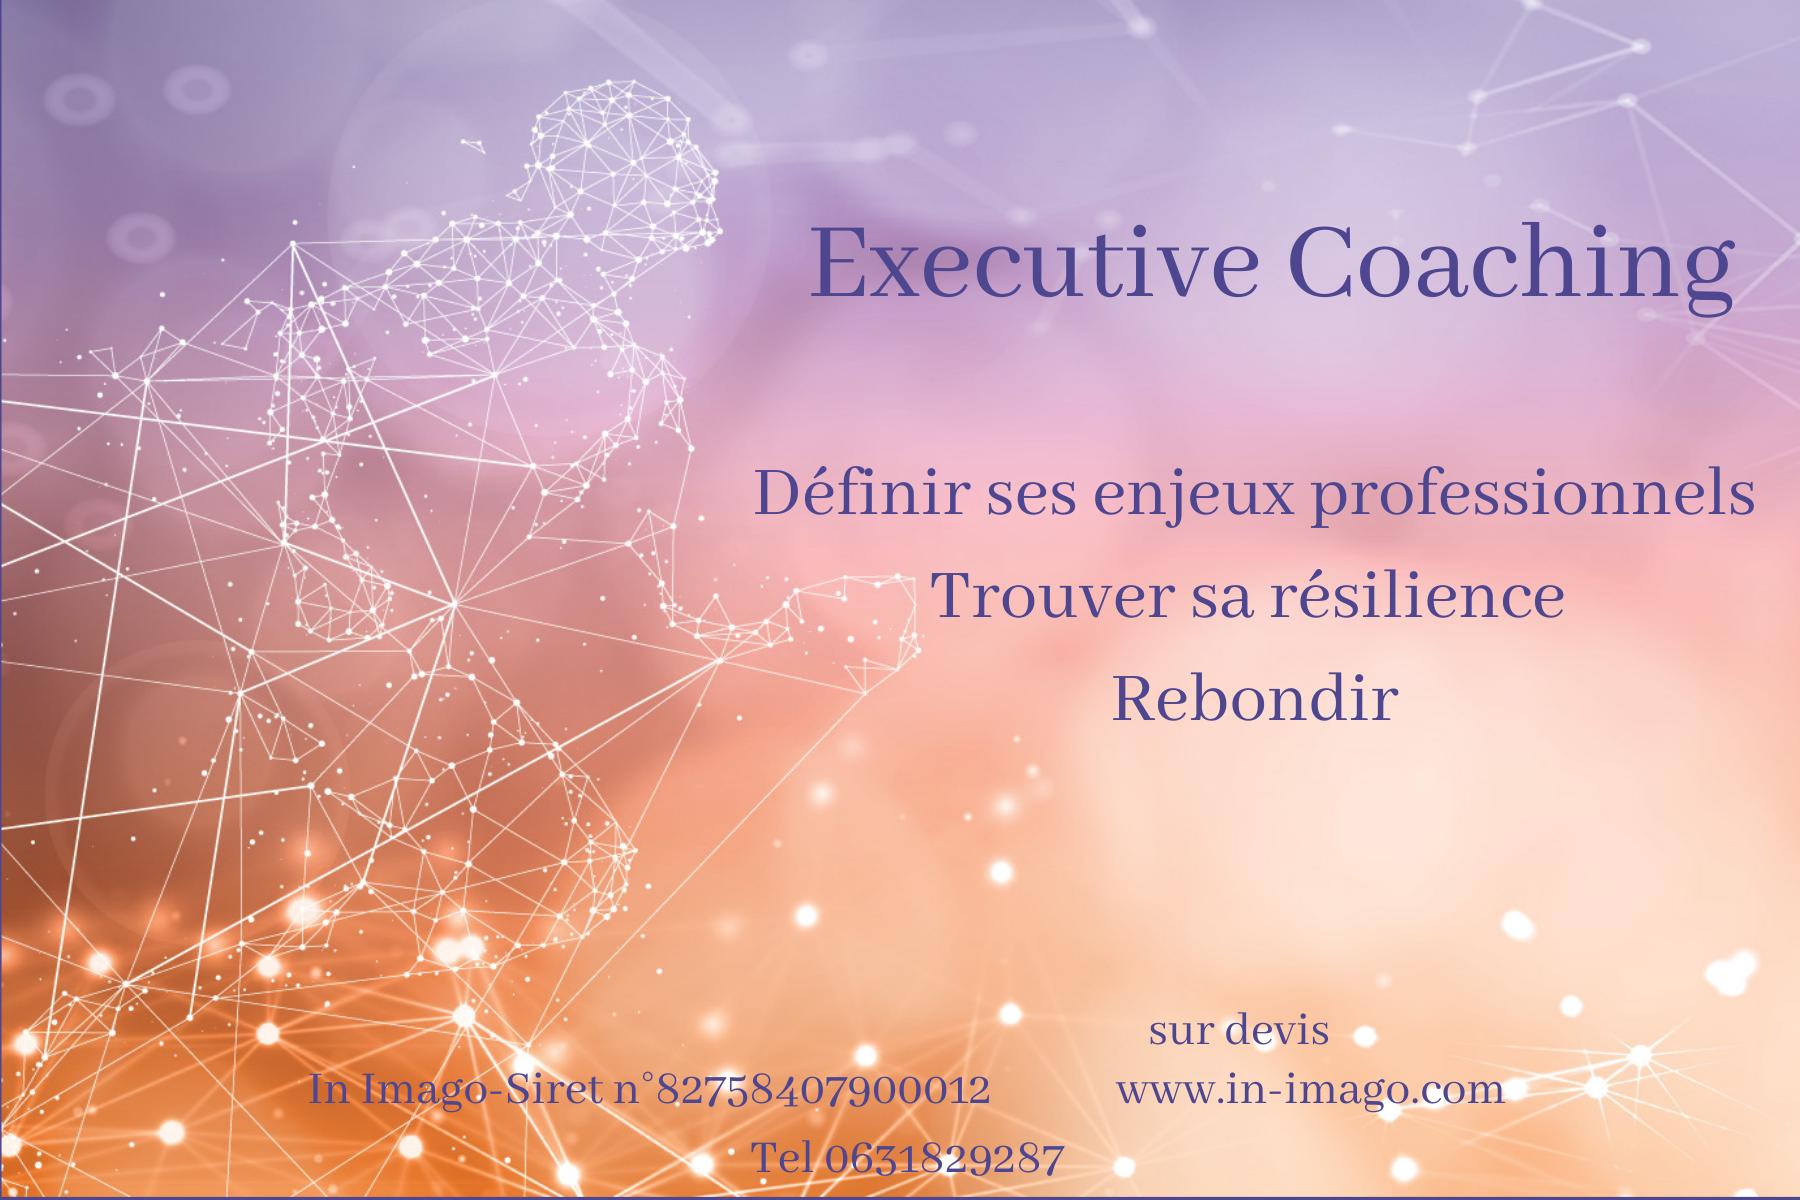 Executive coaching-Coaching de dirigeant